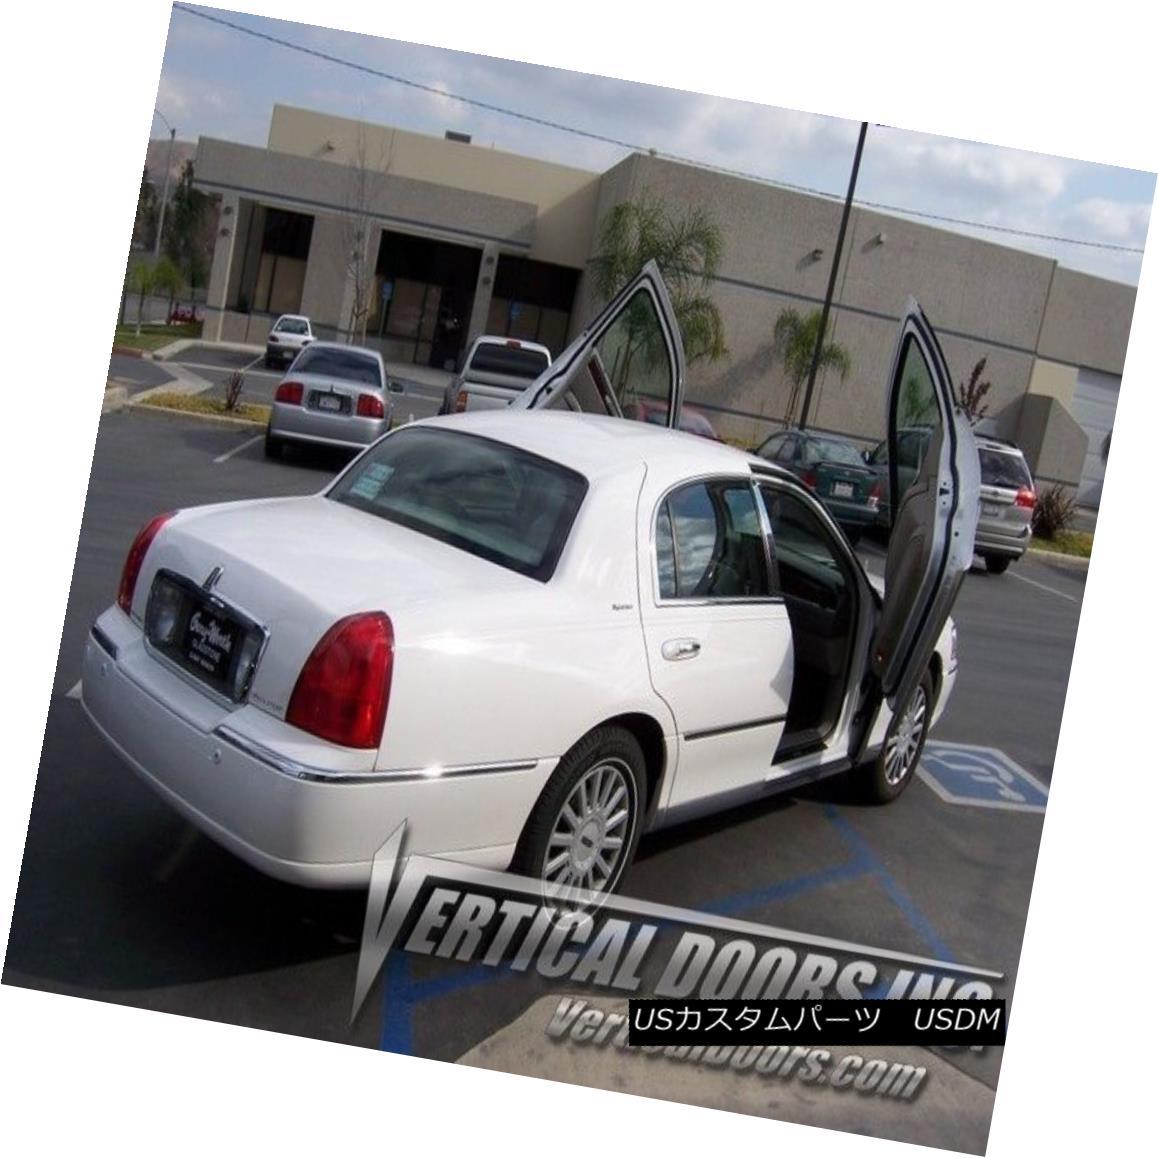 ガルウィングキット Lincoln Town Car 1998-2011 Vertical Doors Inc Lambo Door Kit 98-11 LSD Lincoln Town Car 1998-2011 Vertical Doors Inc Lamboドアキット98-11 LSD